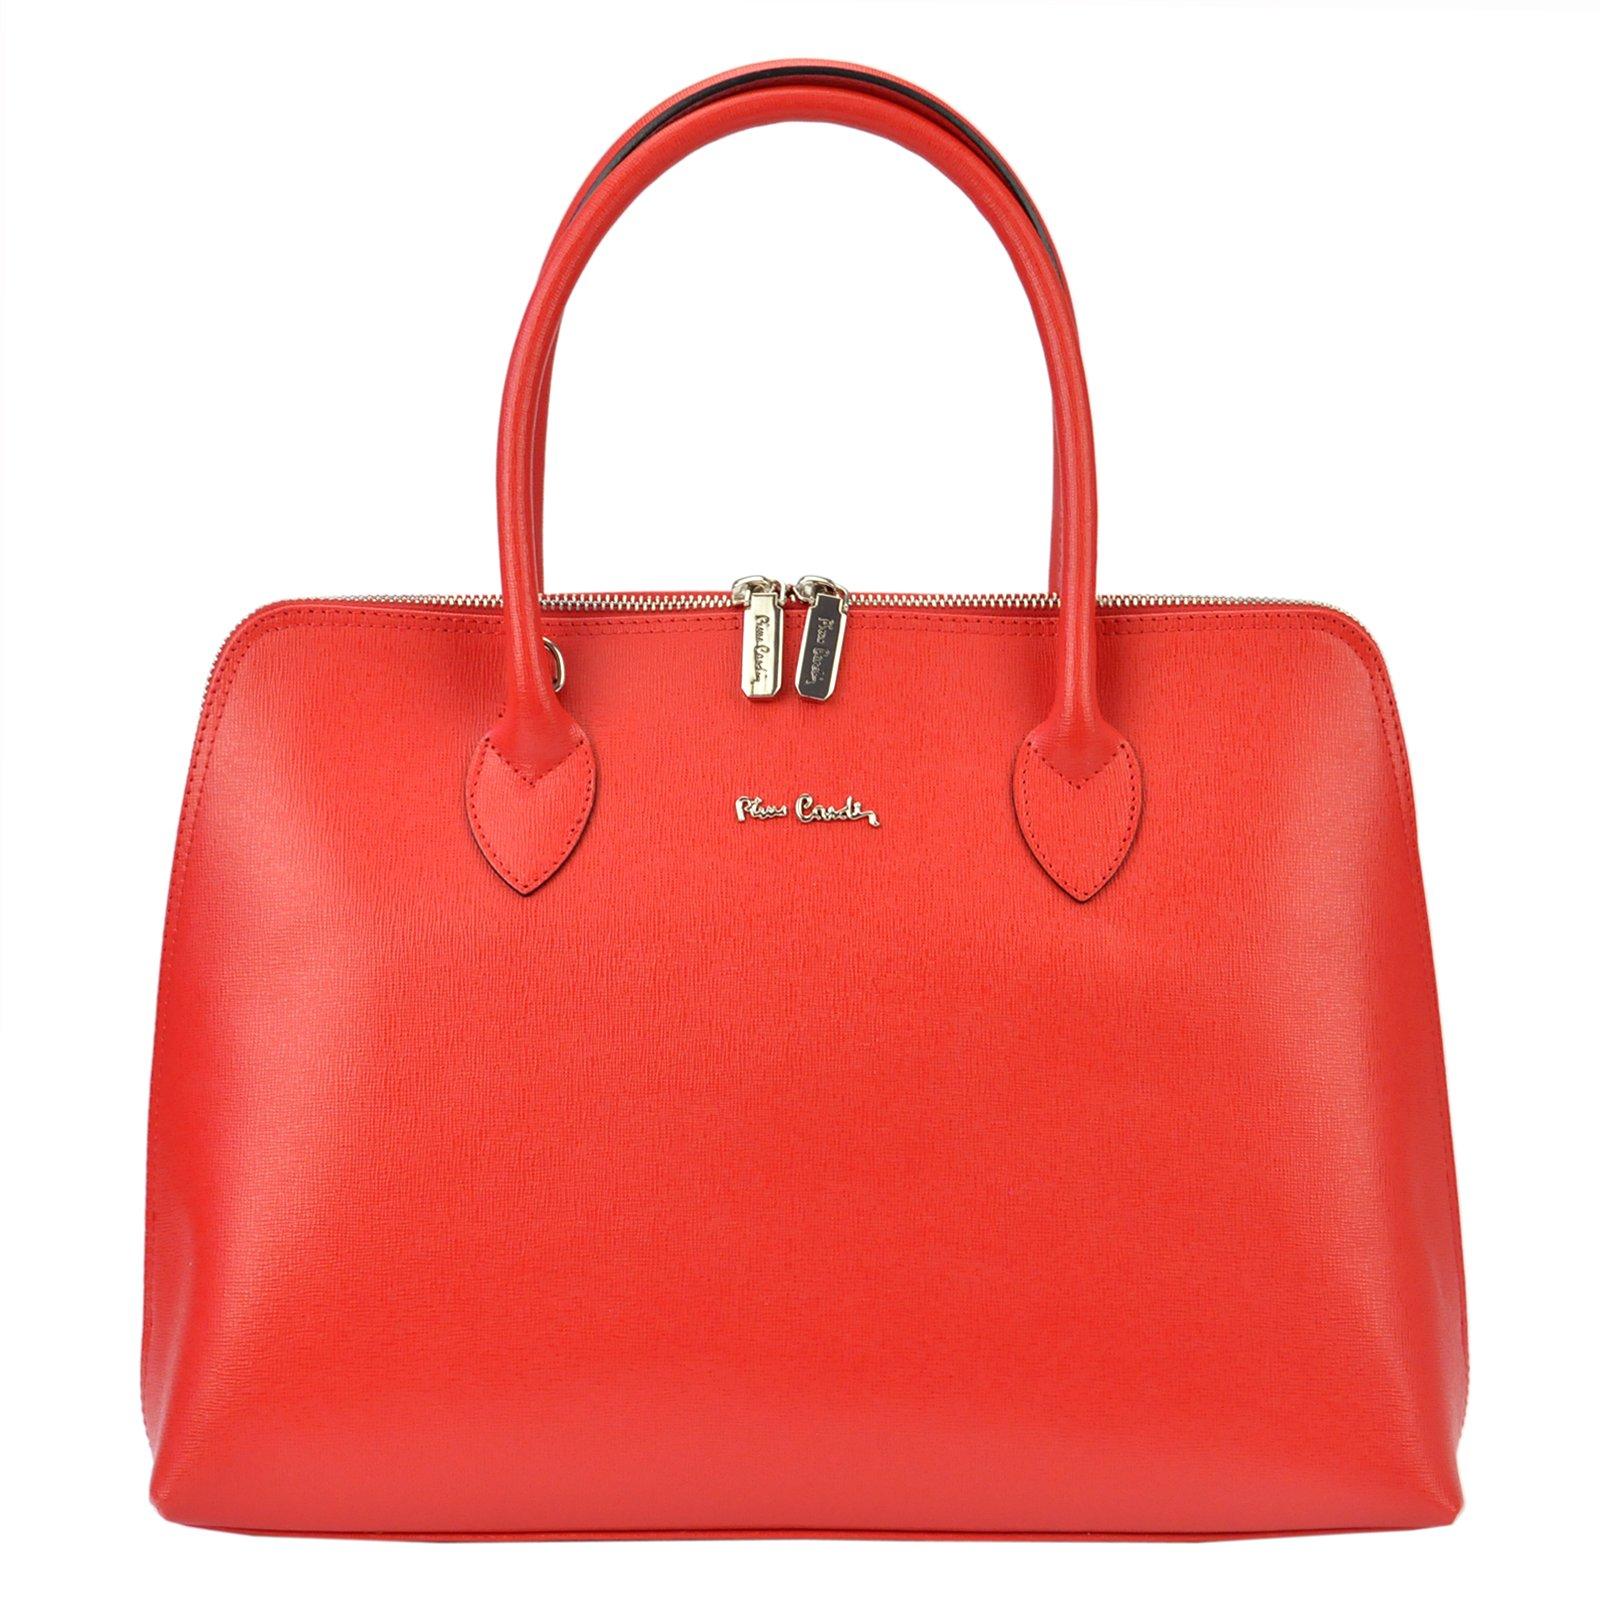 e41d90e40e Dámská kabelka Pierre Cardin FRZ 1623 FRENZY - červená